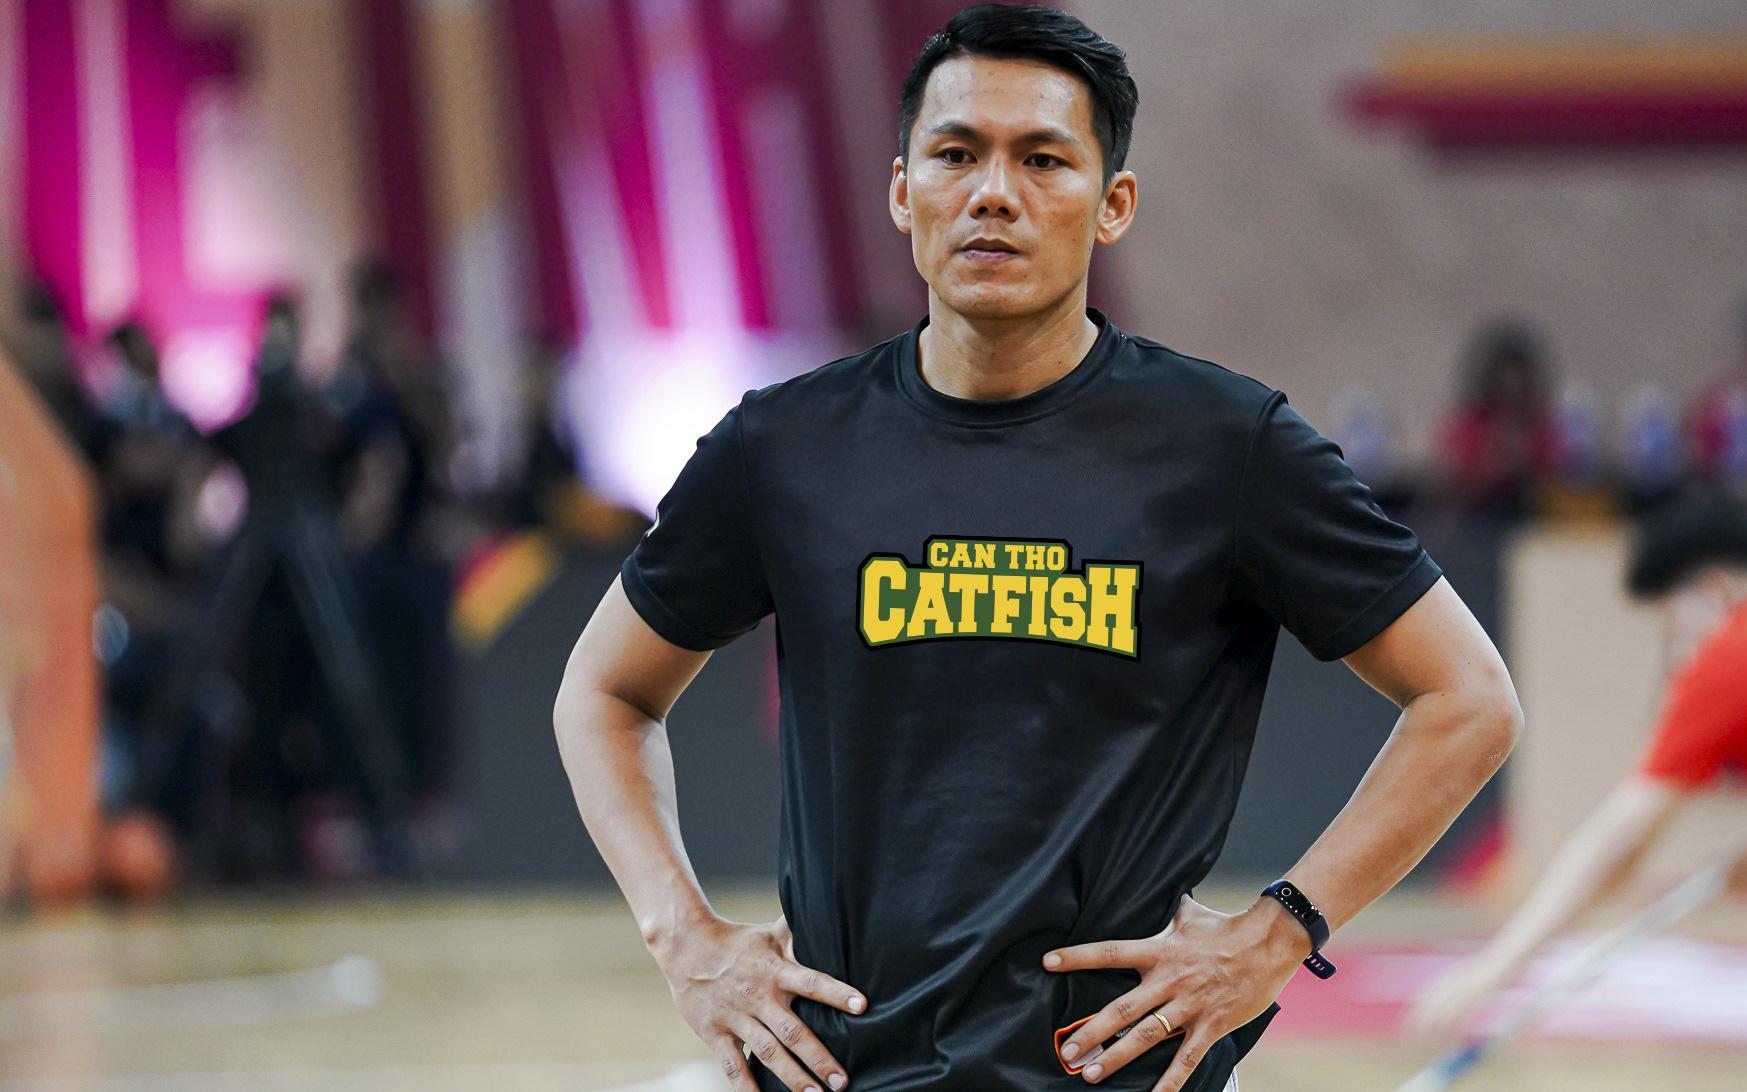 Cantho Catfish công bố bản hợp đồng với tân HLV Tô Trung nhưng vẫn quyết giữ kín danh tính thuyền trưởng mùa giải VBA 2020